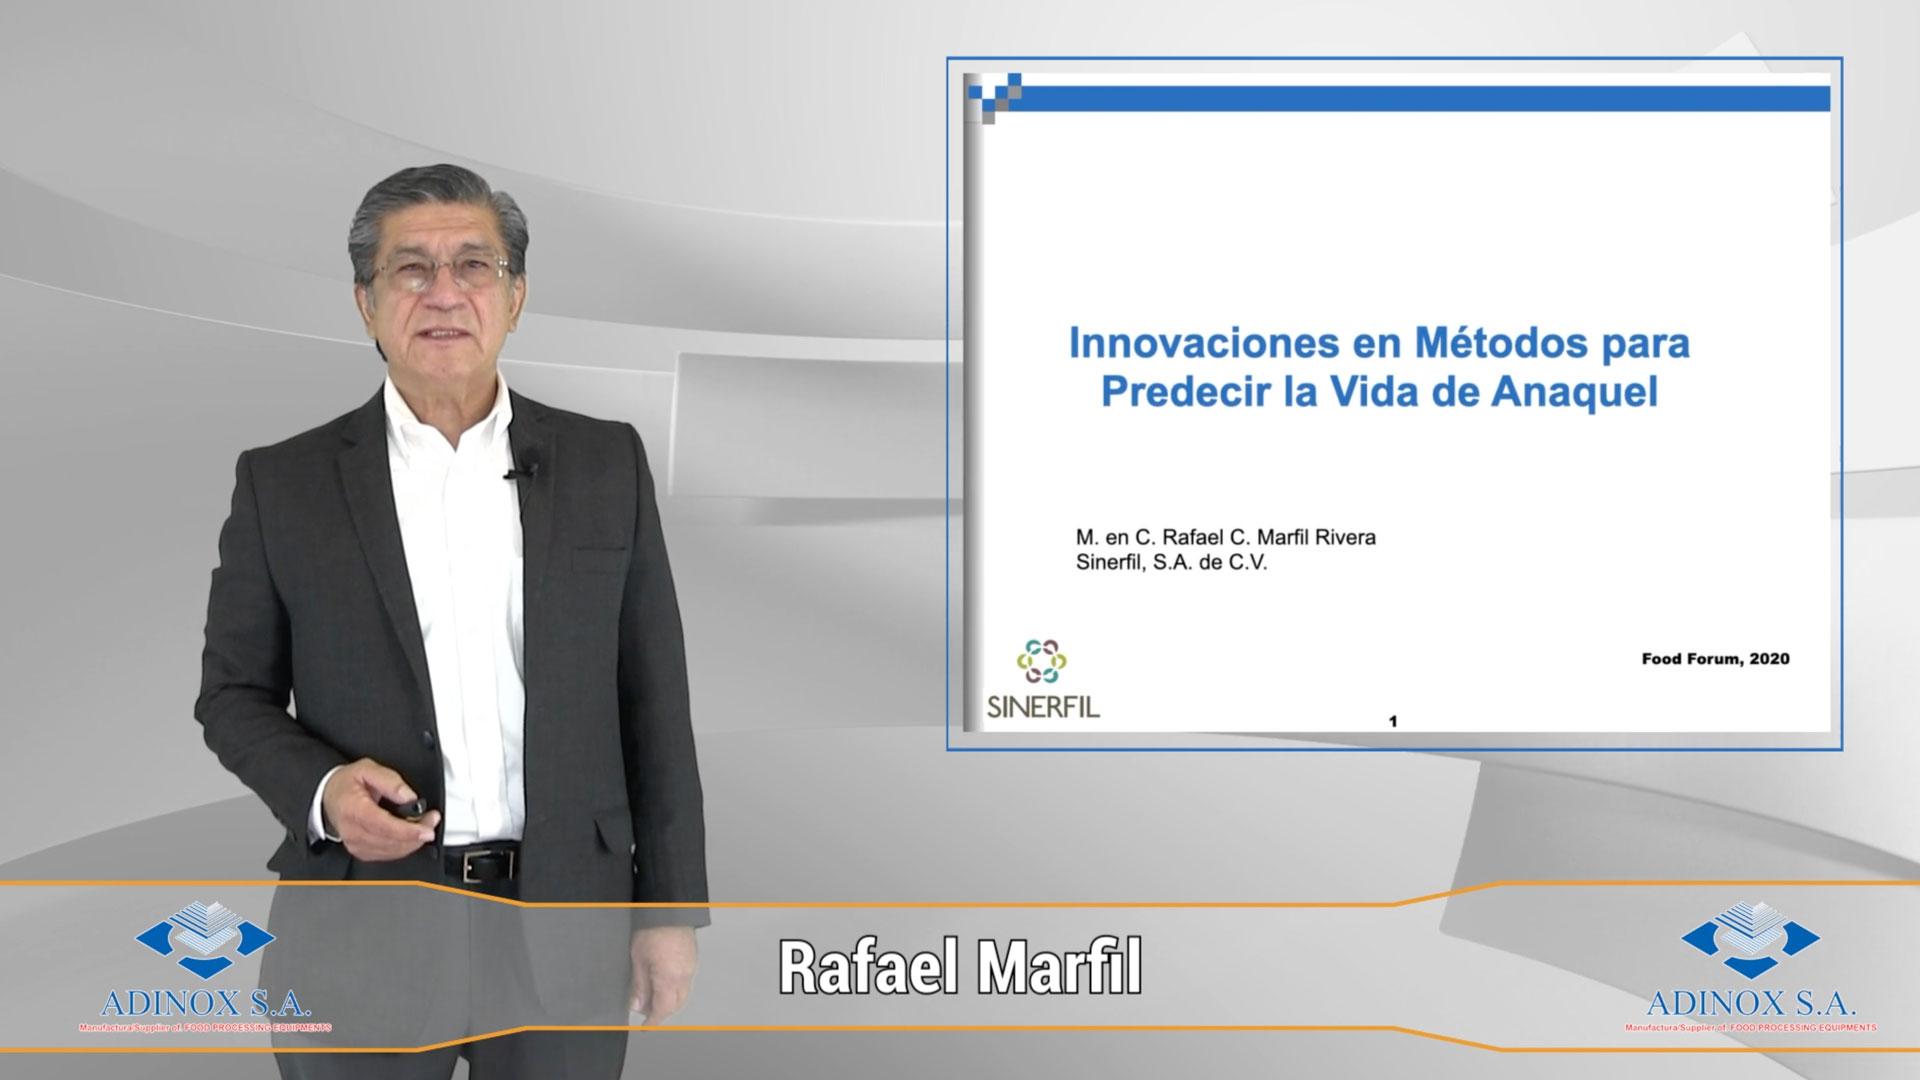 RAFAEL MARFIL - Innovaciones en métodos para predecir la Vida de Anaquel